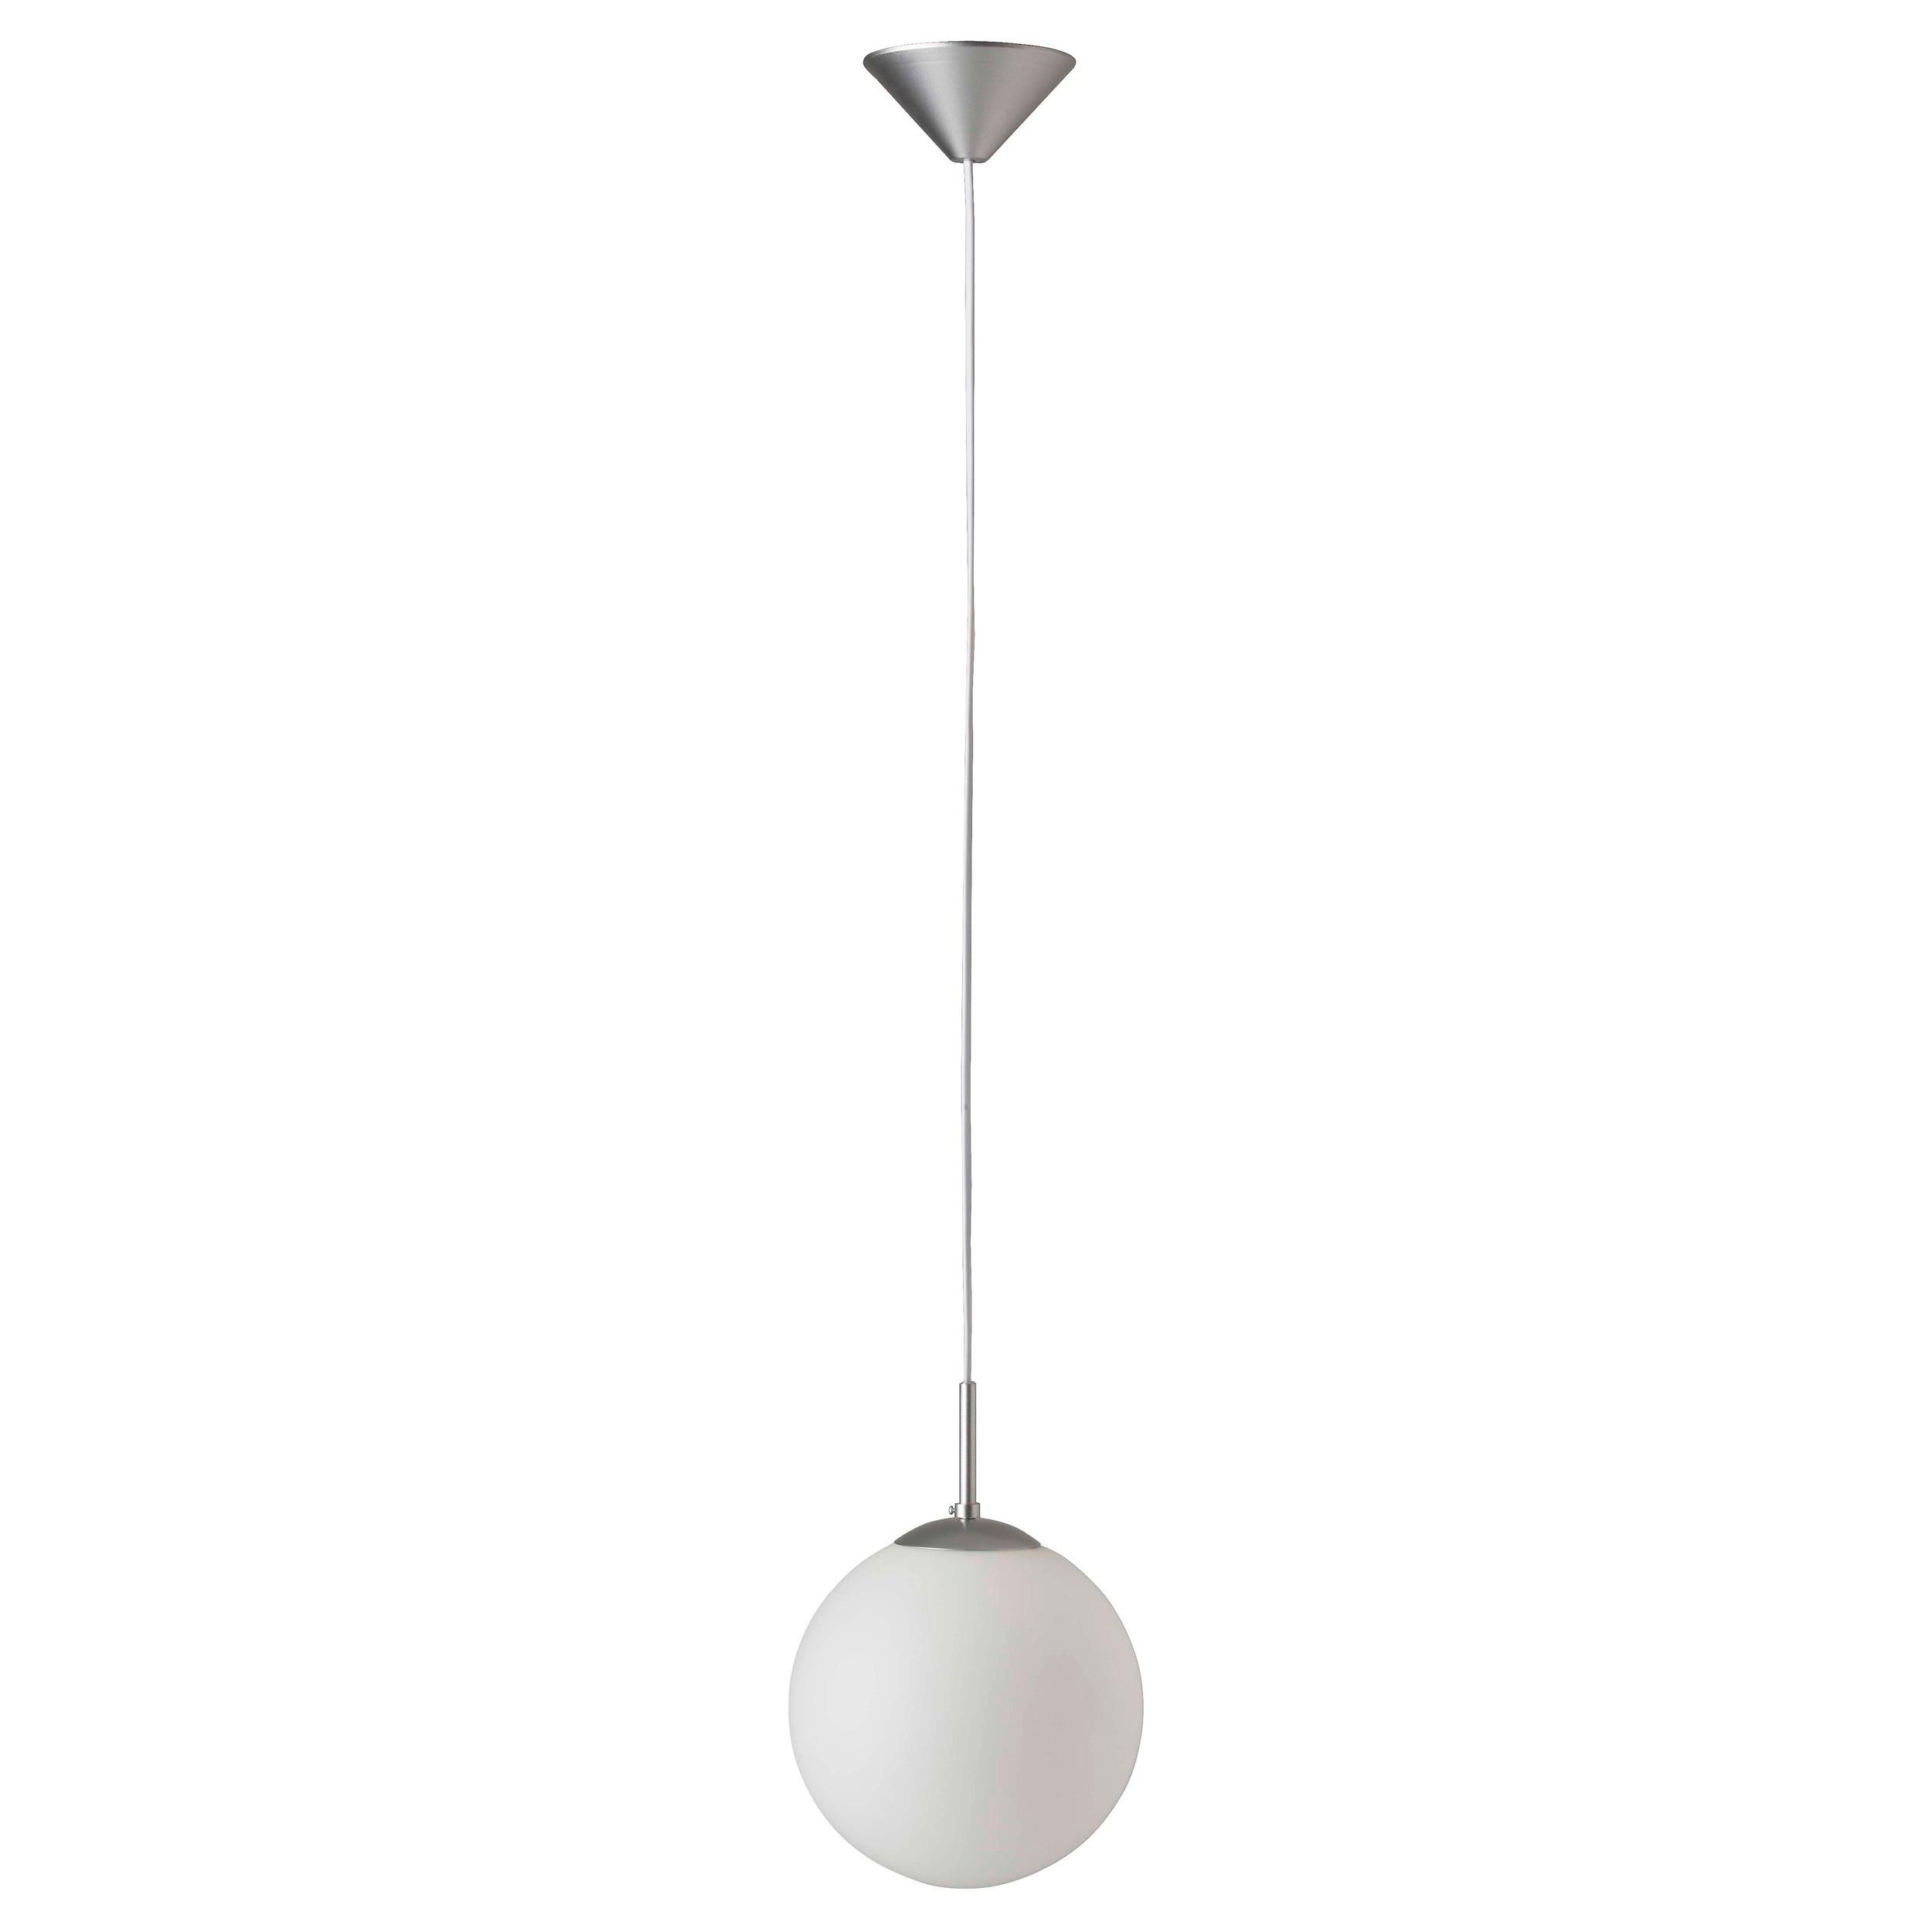 Brilliant Leuchten Fantasia Pendelleuchte 20cm silber/weiß